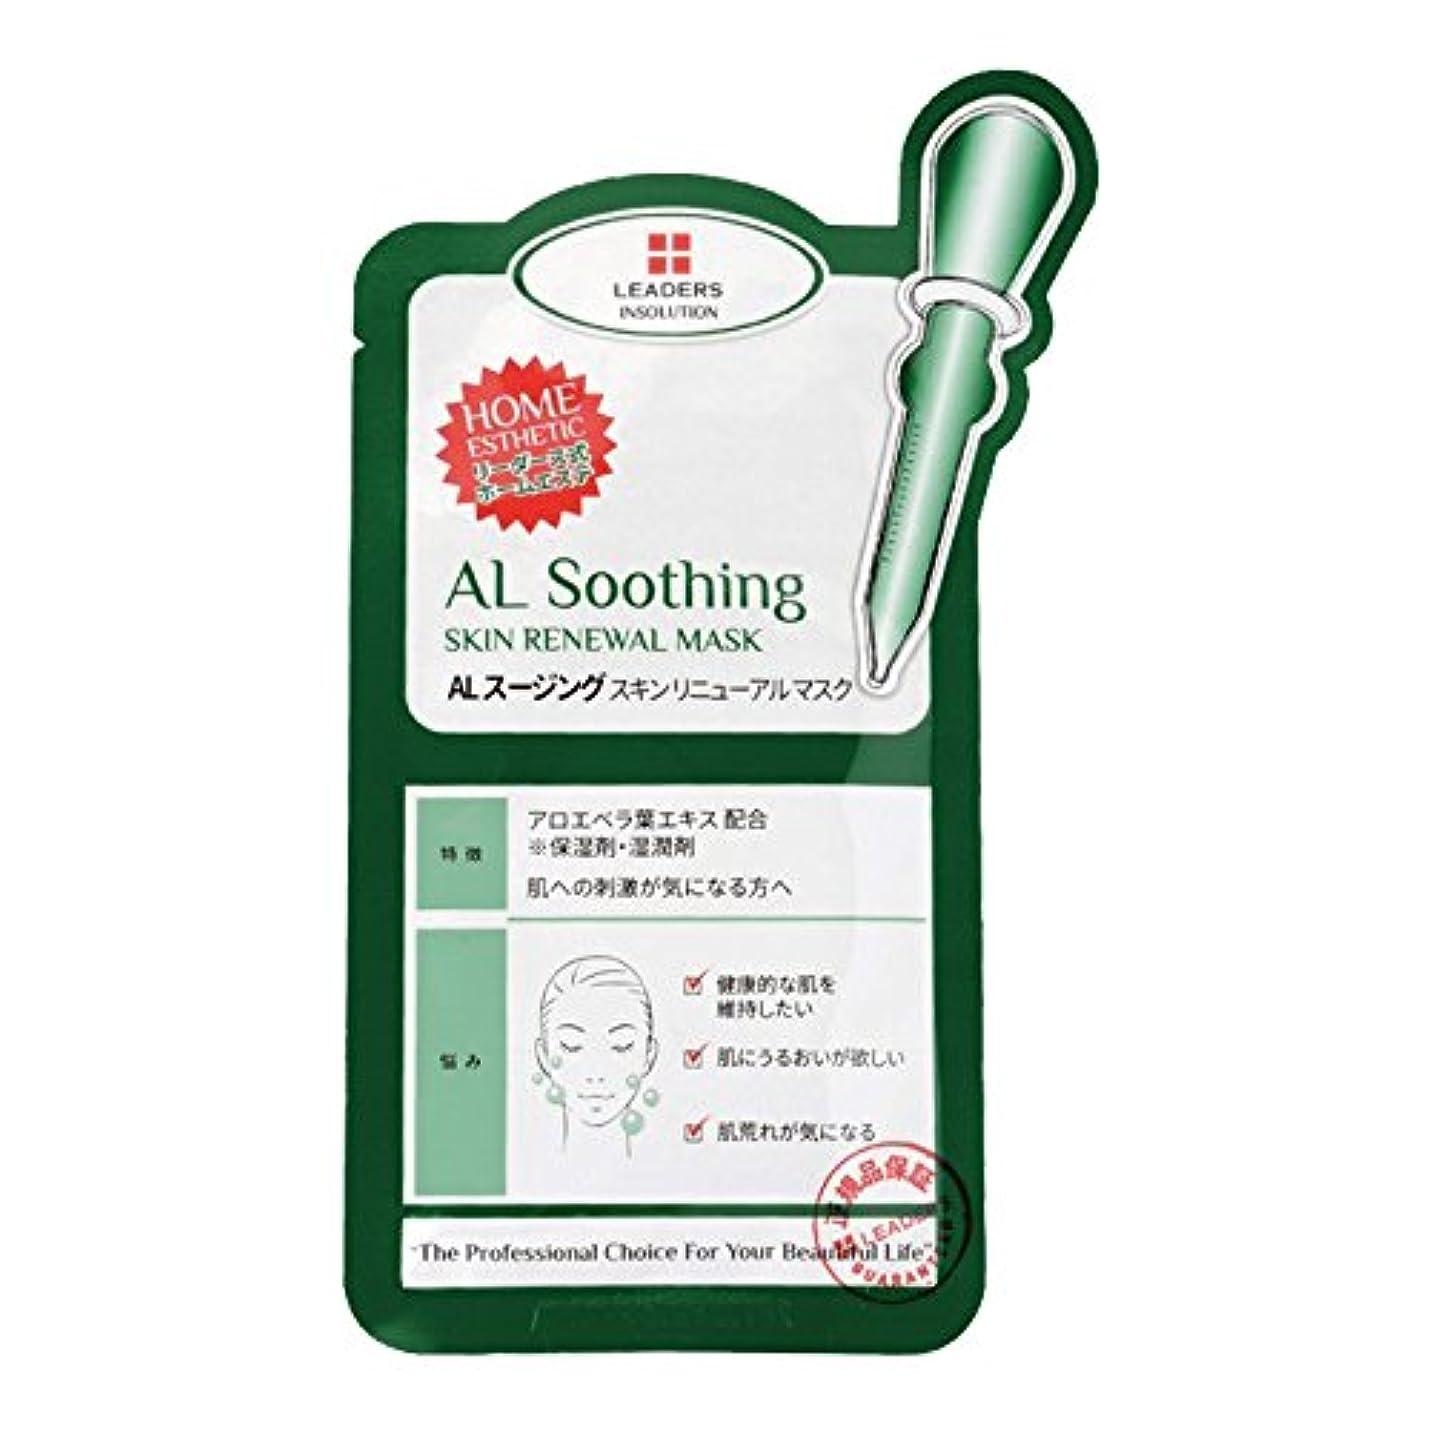 楽な便宜パンフレット日本限定版 国内正規品 LEADERS リーダース アロエスージング スキンリニュアル マスク 1枚 25ml 敏感肌 保湿